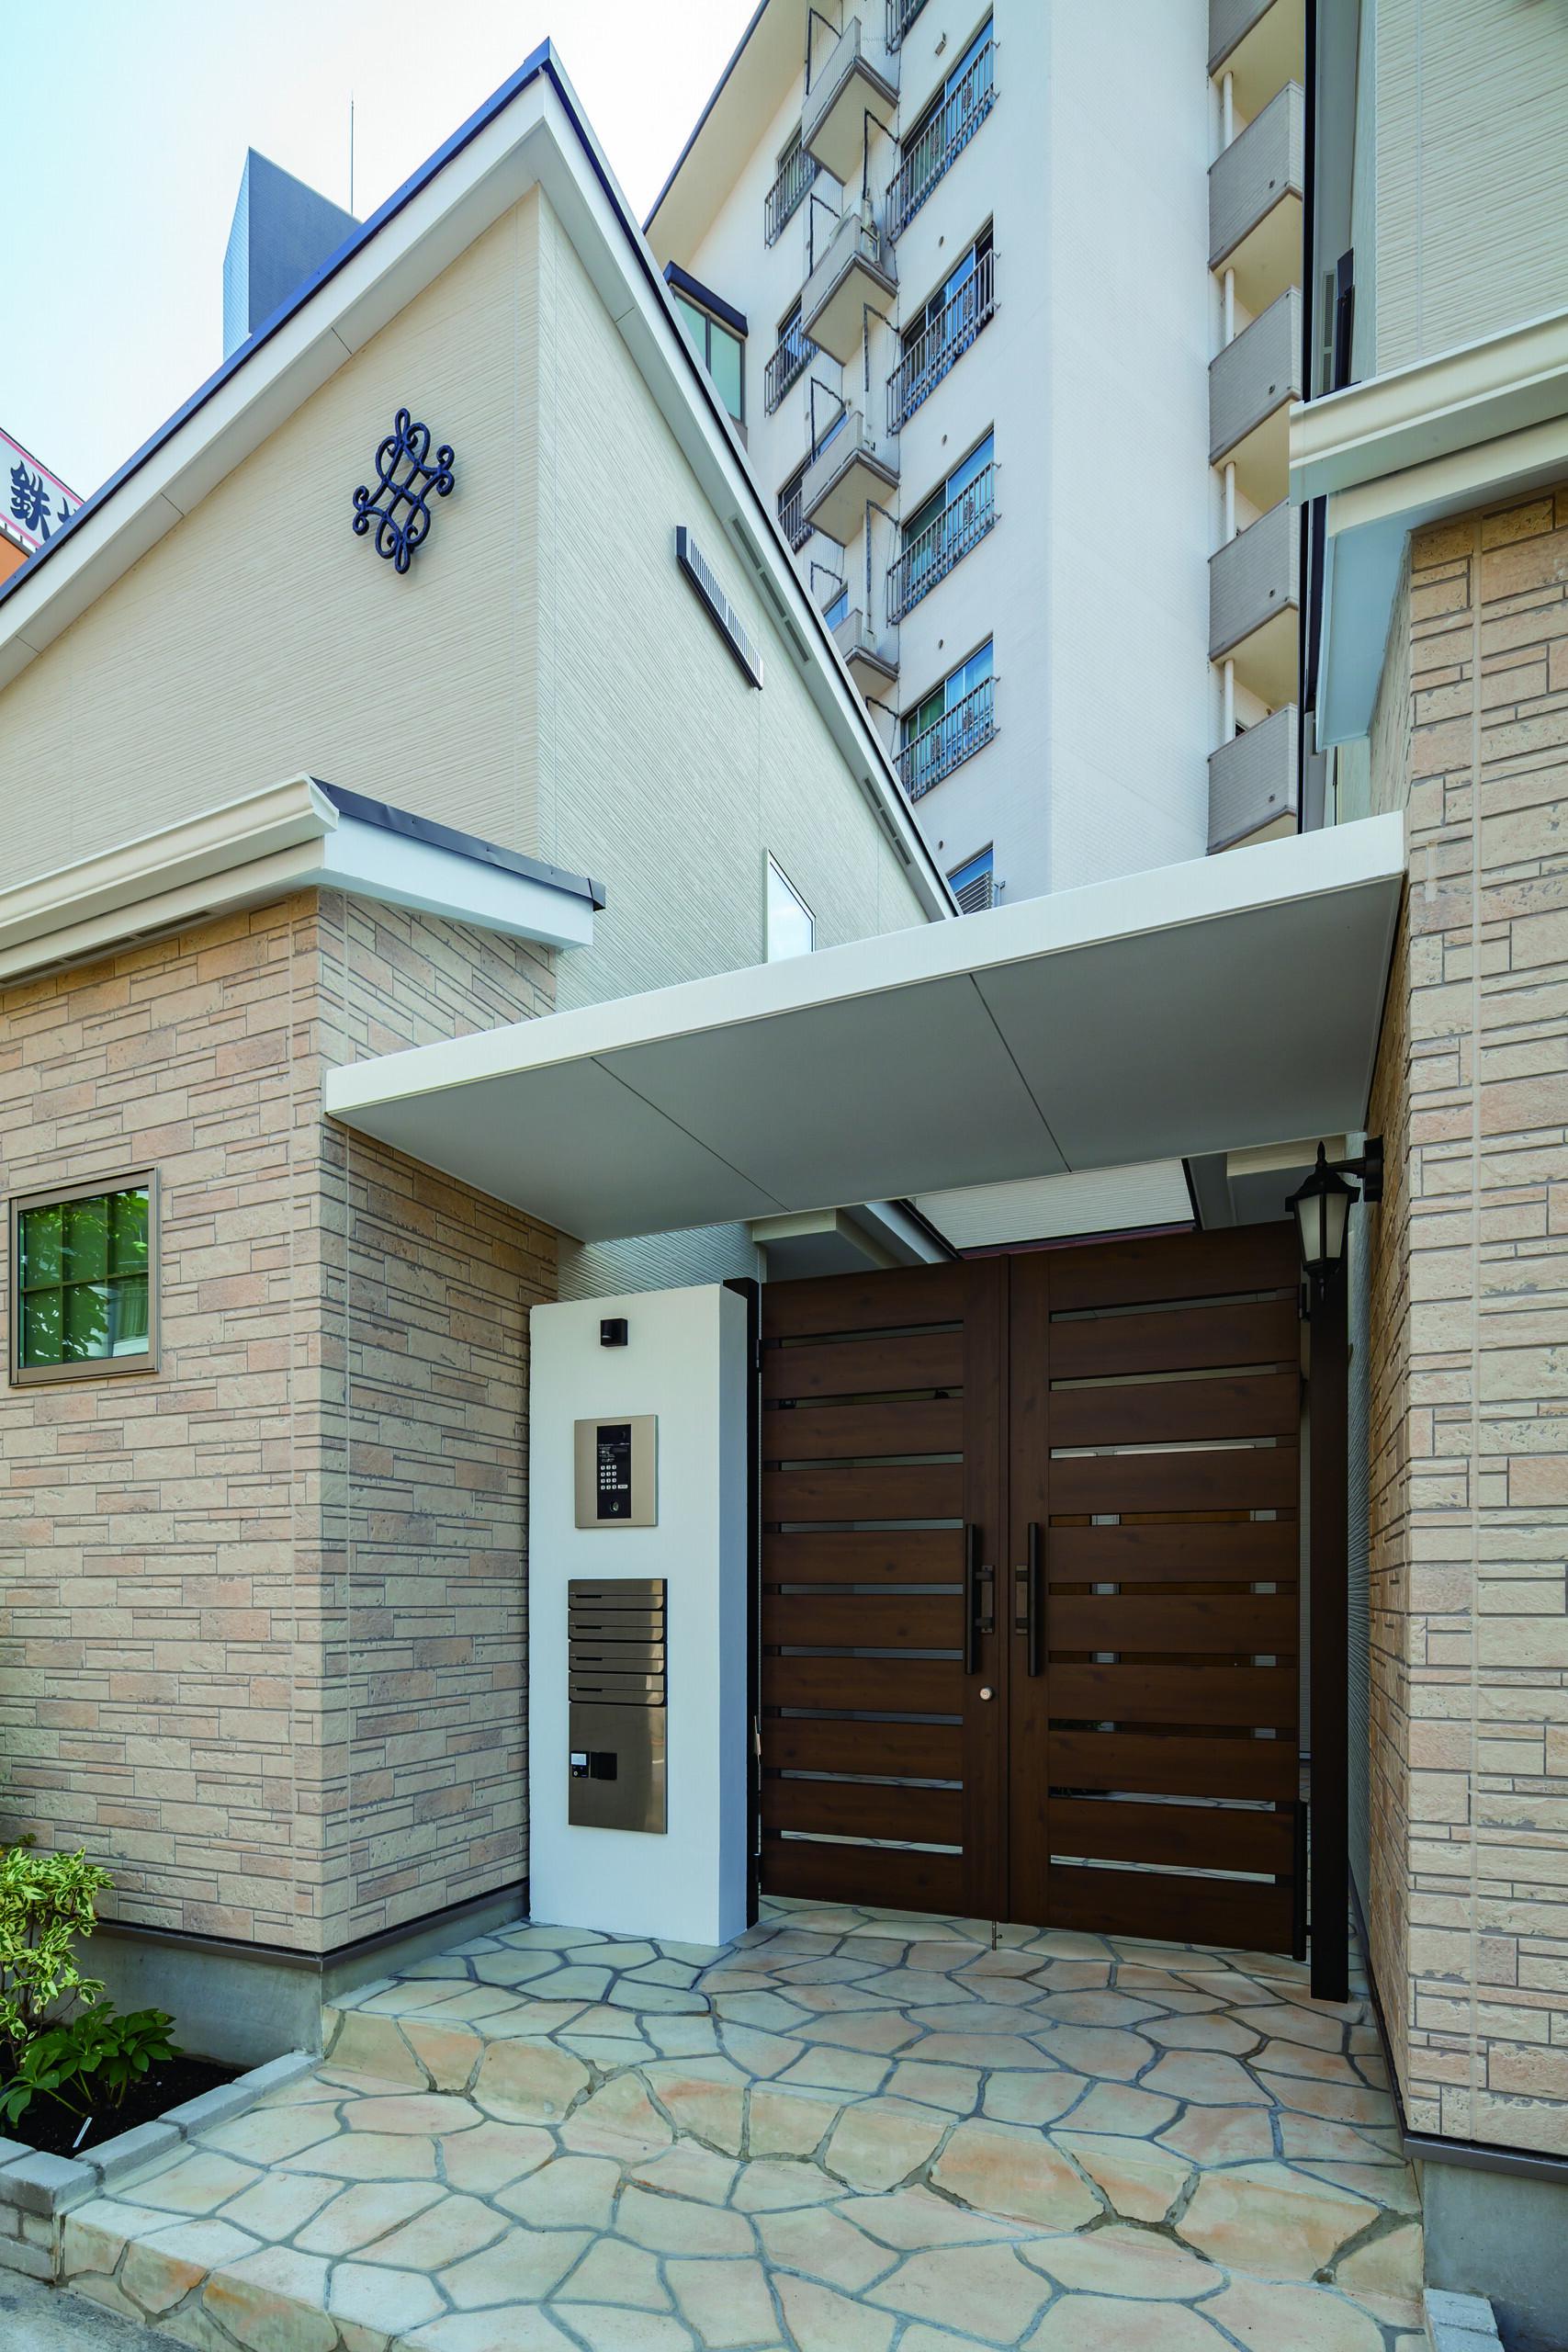 素敵なエントランスのアレルギー対策ワンルーム賃貸住宅の建築事例写真